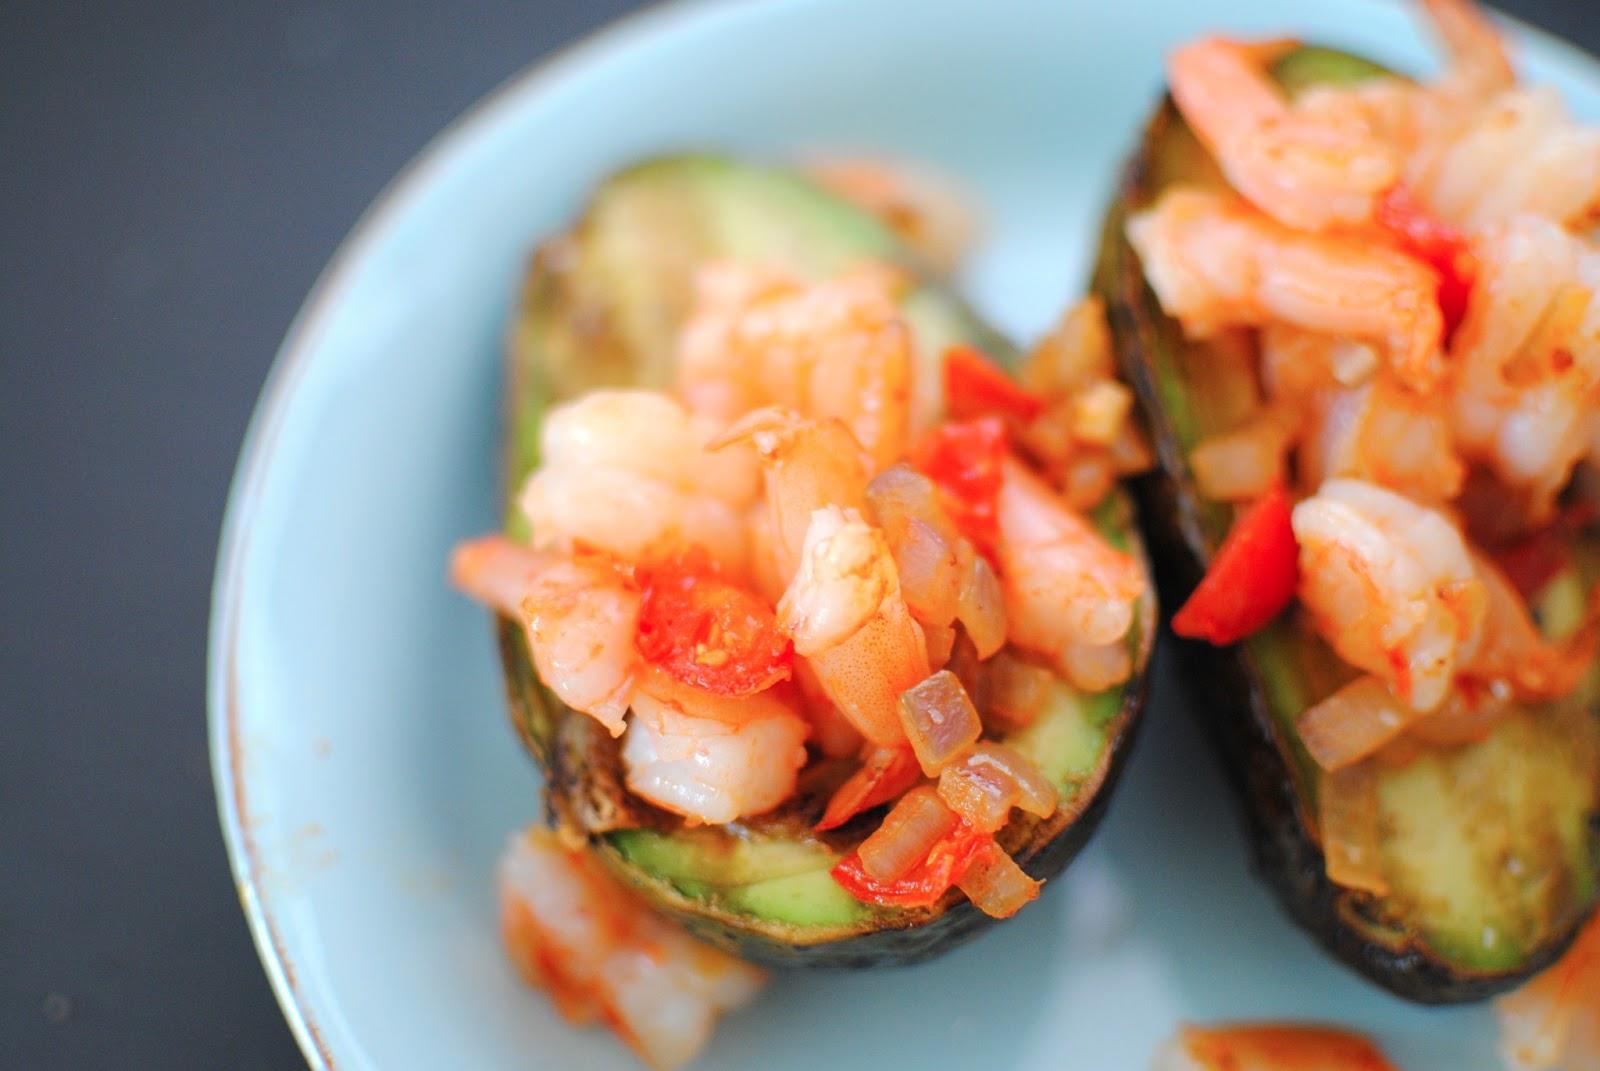 Shrimp Stuffed Avocados | Sparkle & Stir